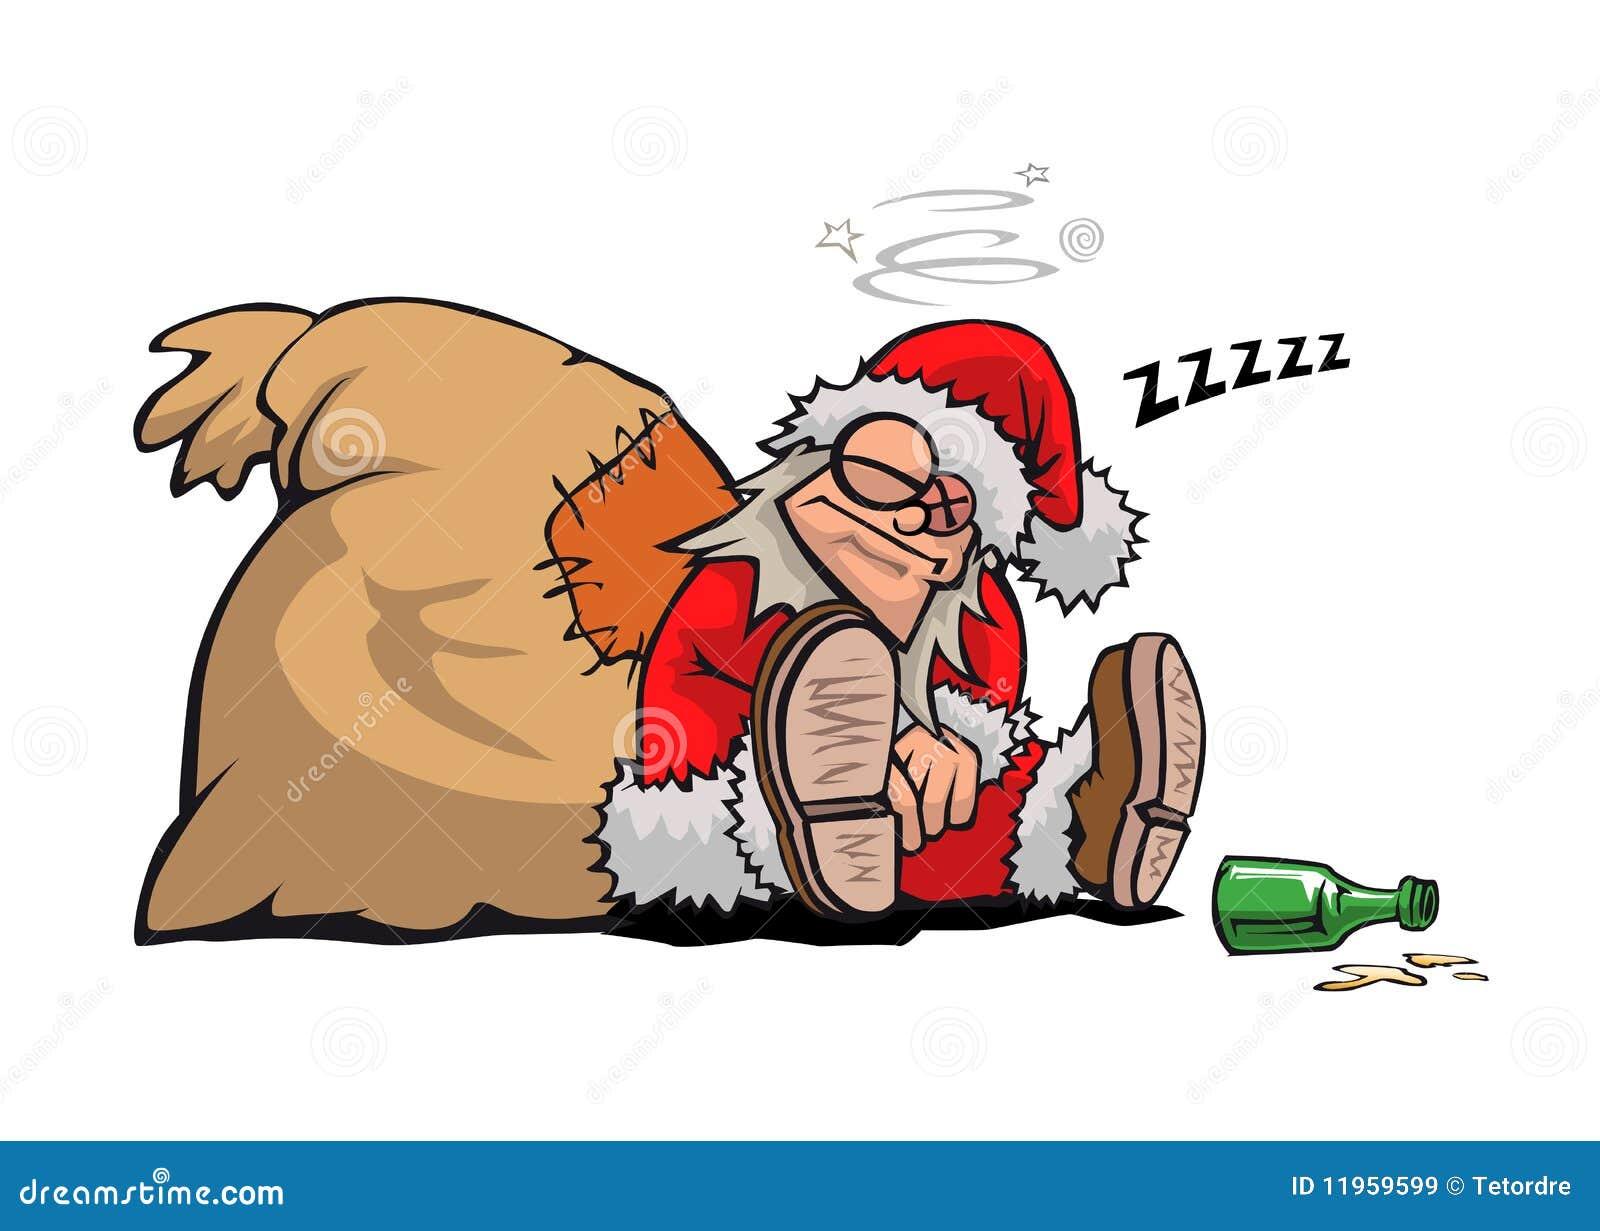 Babbo Natale Ubriaco.Il Babbo Natale Ubriaco Illustrazione Di Stock Illustrazione Di